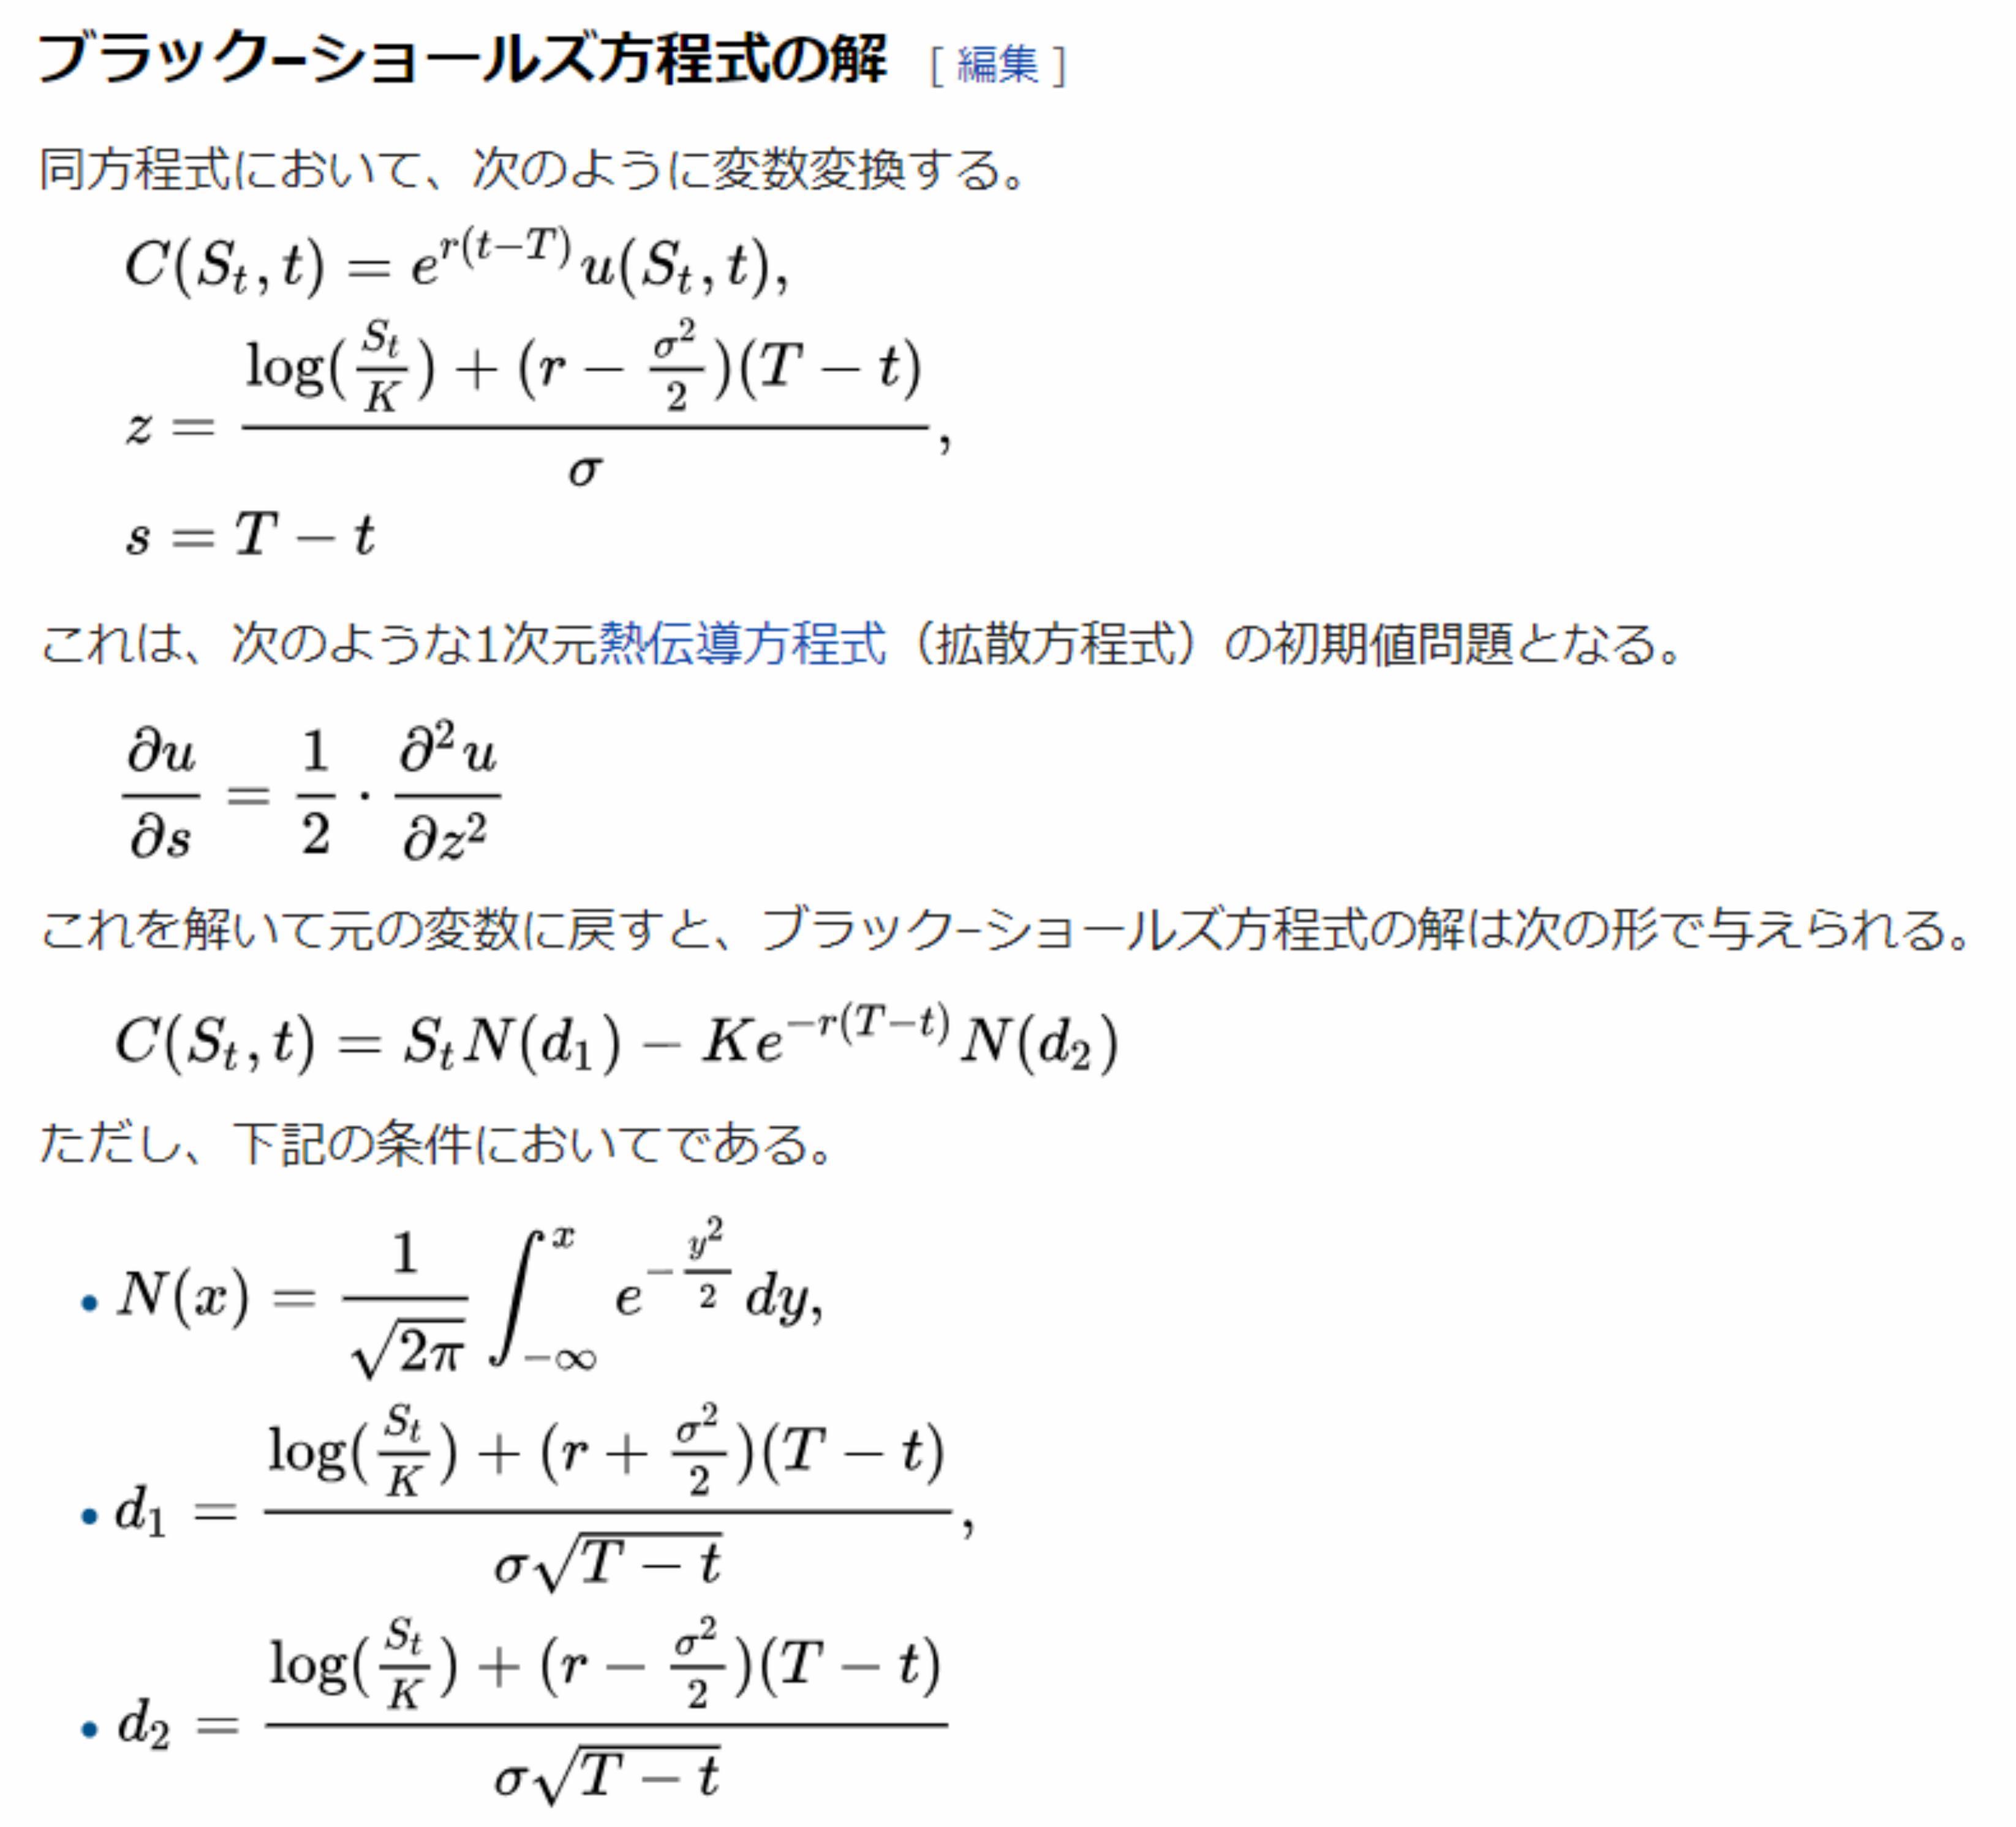 ブラックショールズ式の解